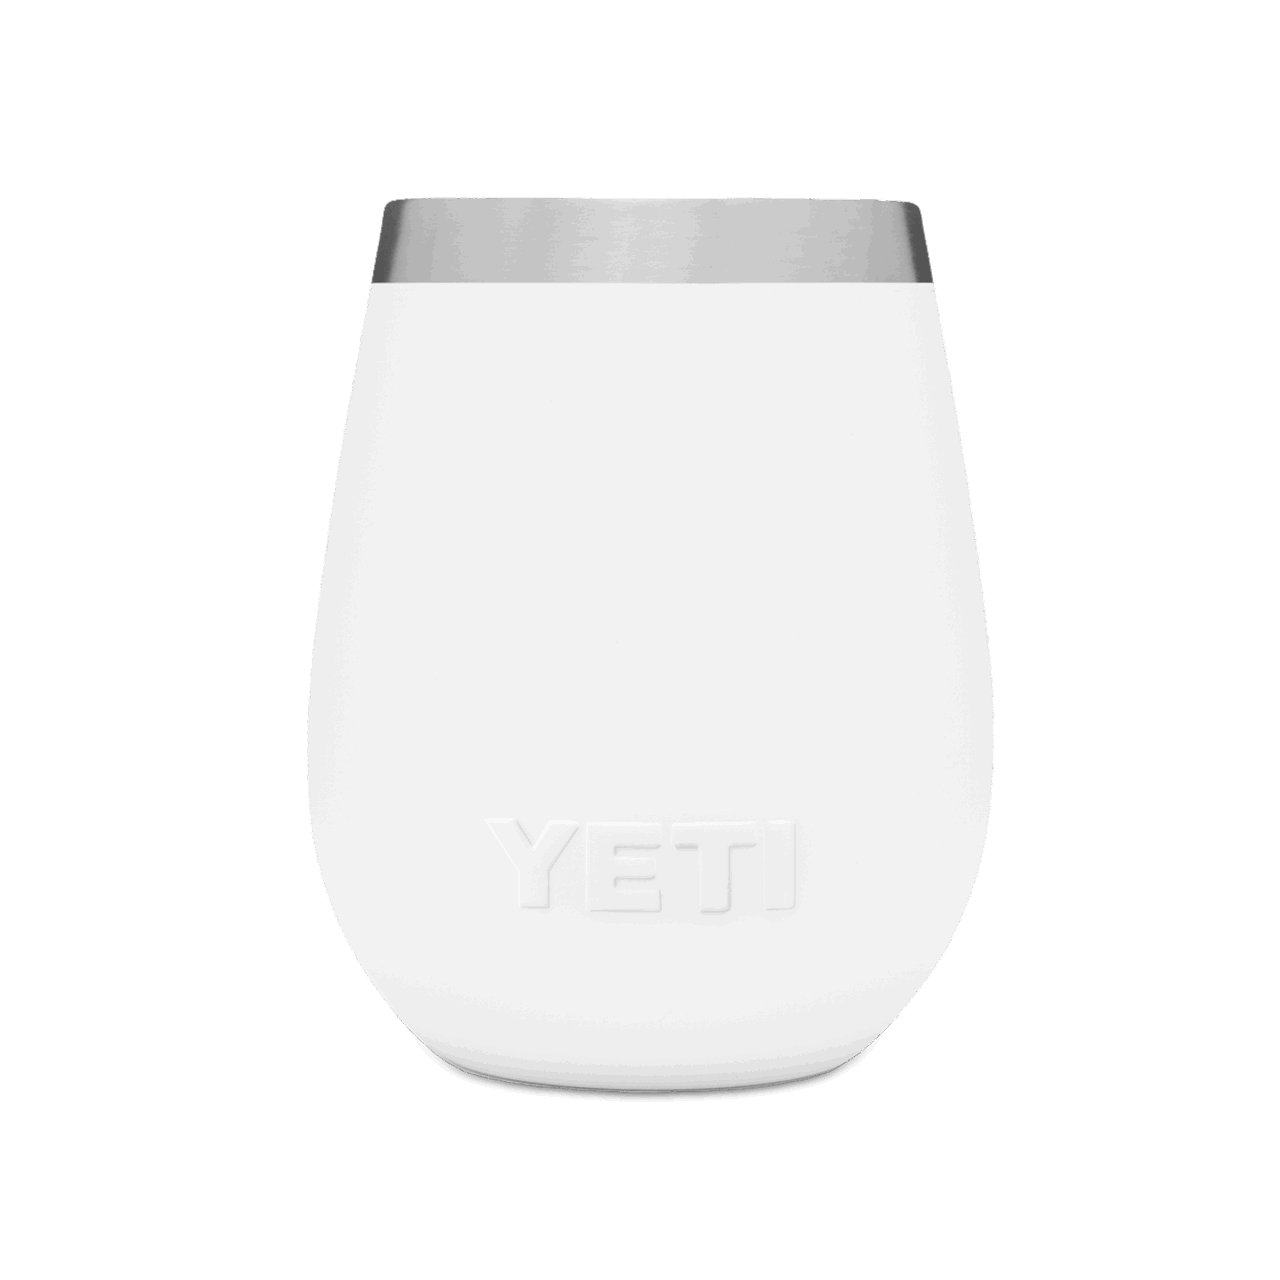 YETI Rambler Wine Tumbler (300ml) - white